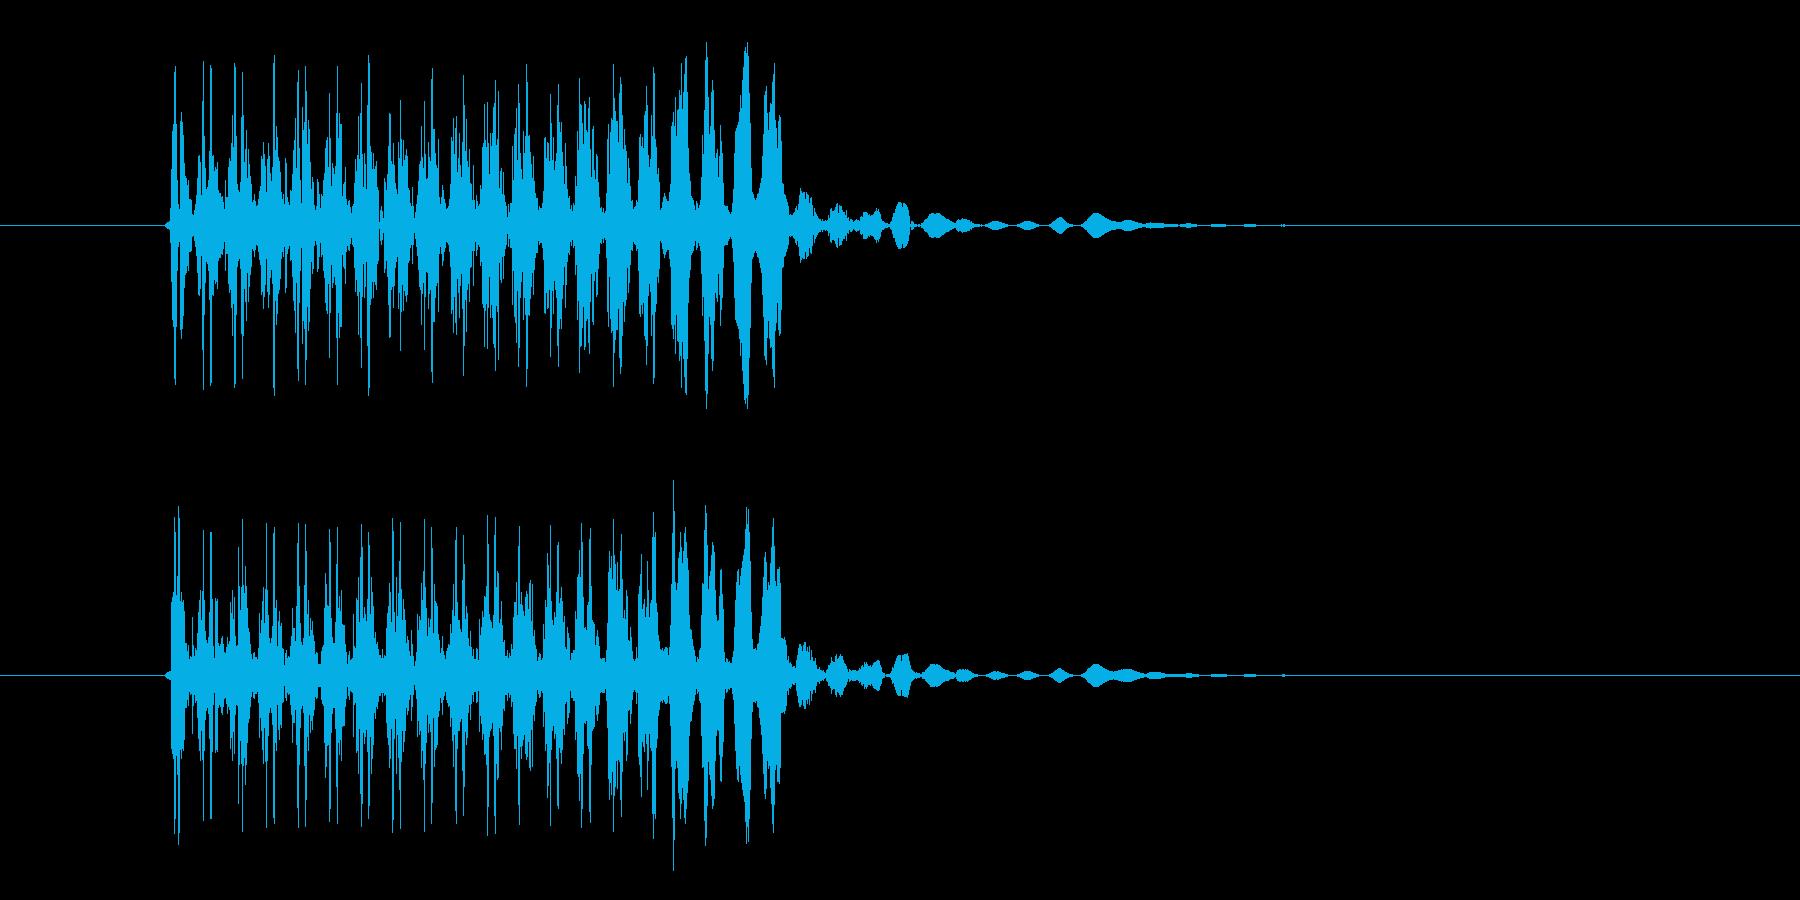 シュルシュル(宇宙、飛ぶ、回転)の再生済みの波形